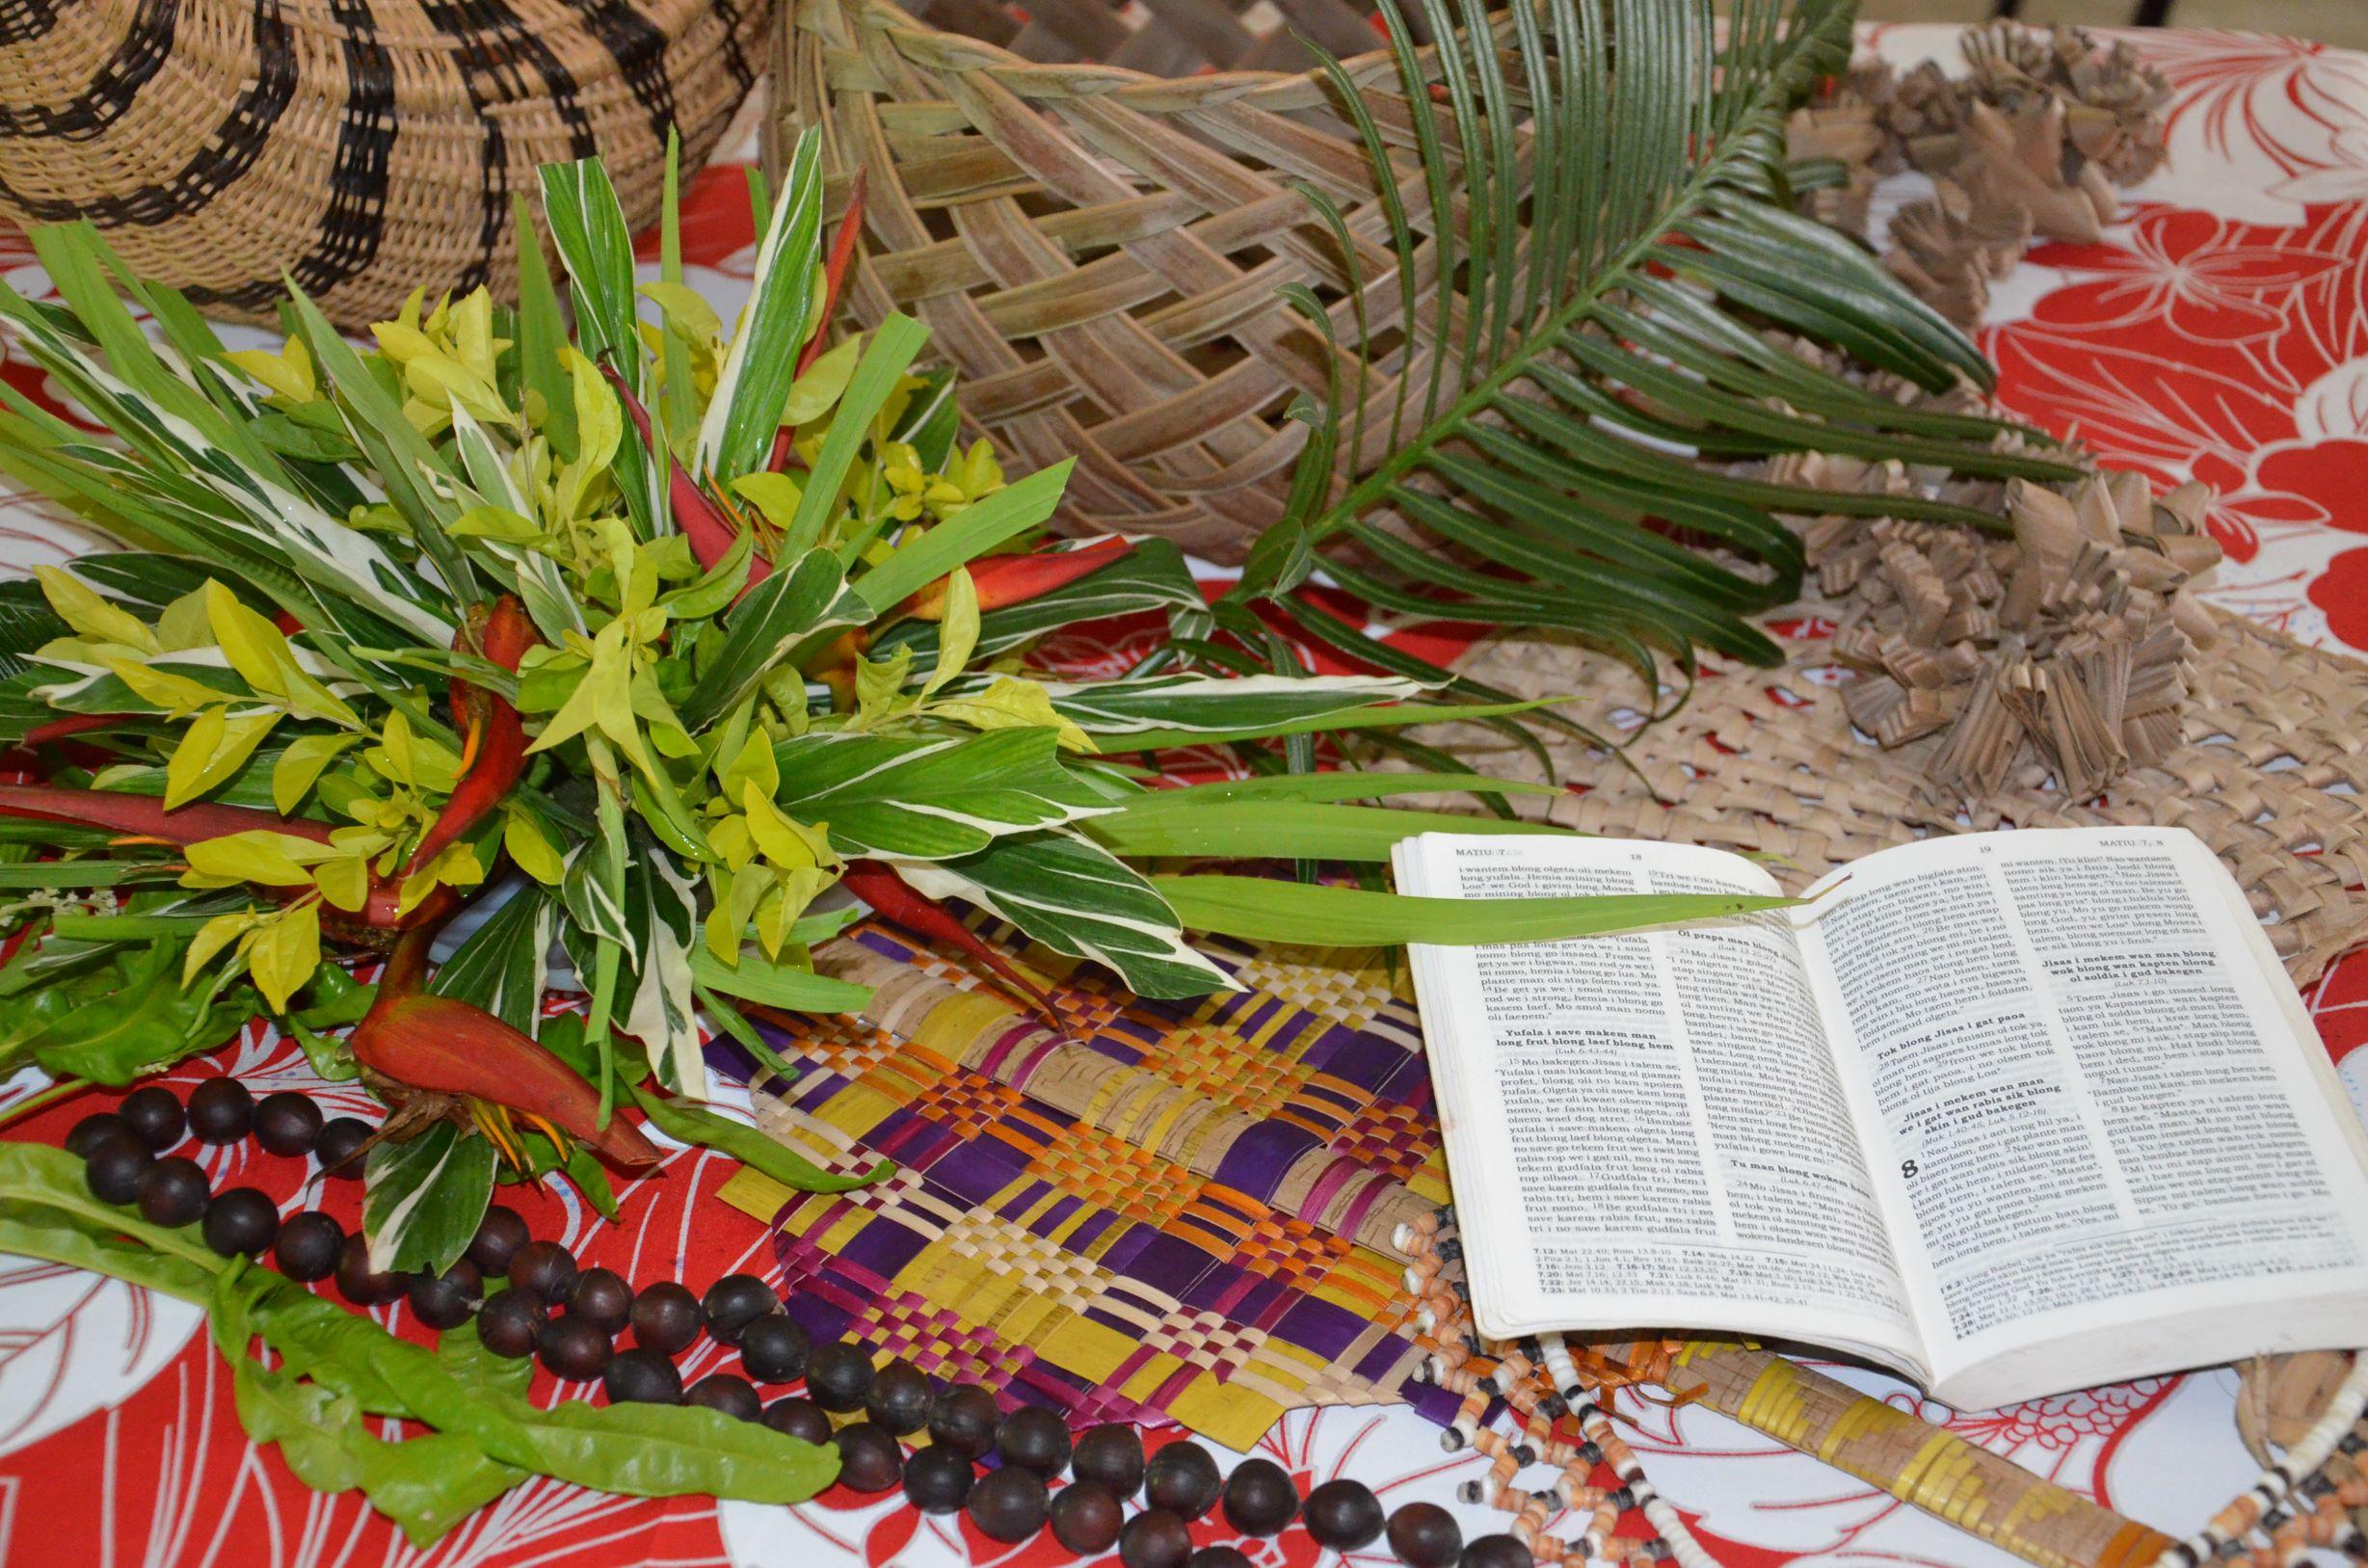 Vanuatu Illustrazione della Giornata Mondiale di Preghiera Svizzera